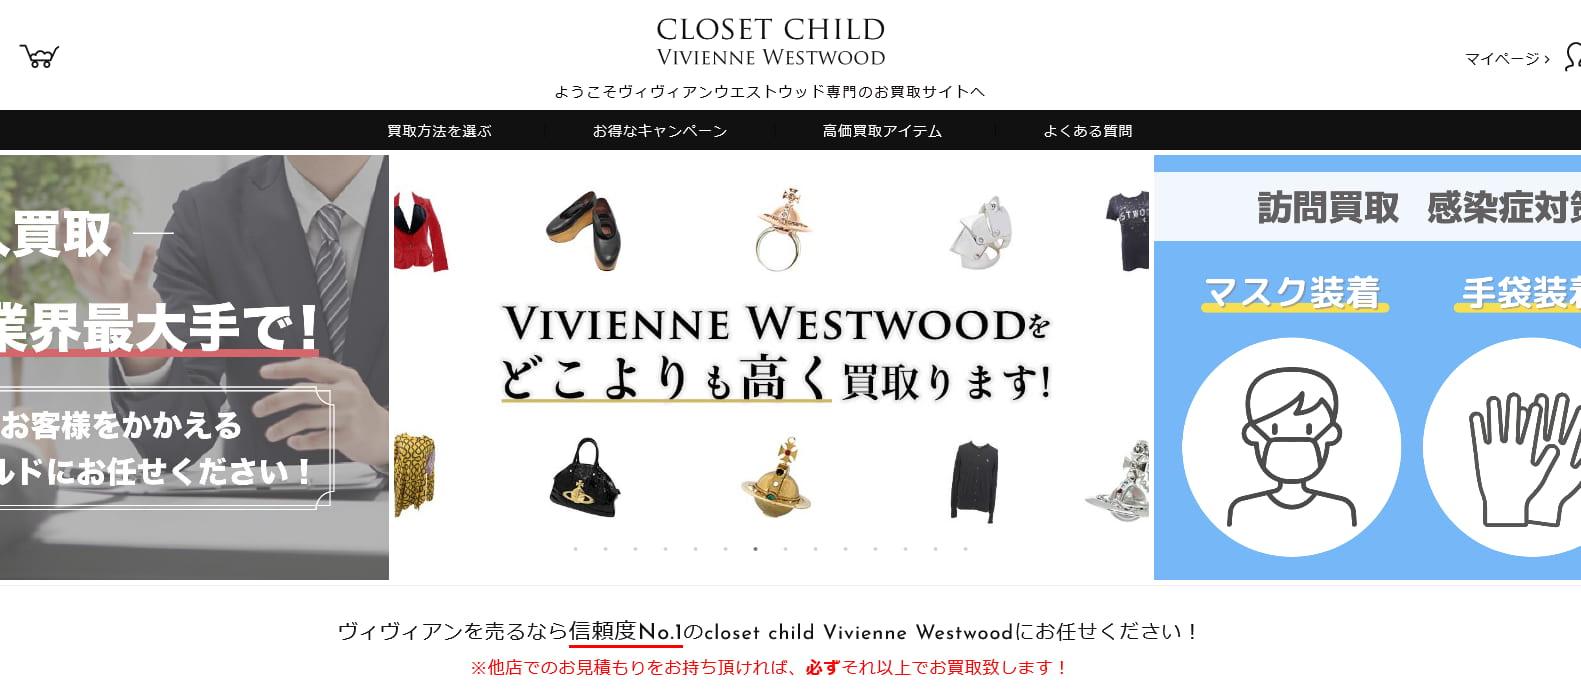 ヴィヴィアンウエストウッドの買取おすすめ店CLOSETCHILD